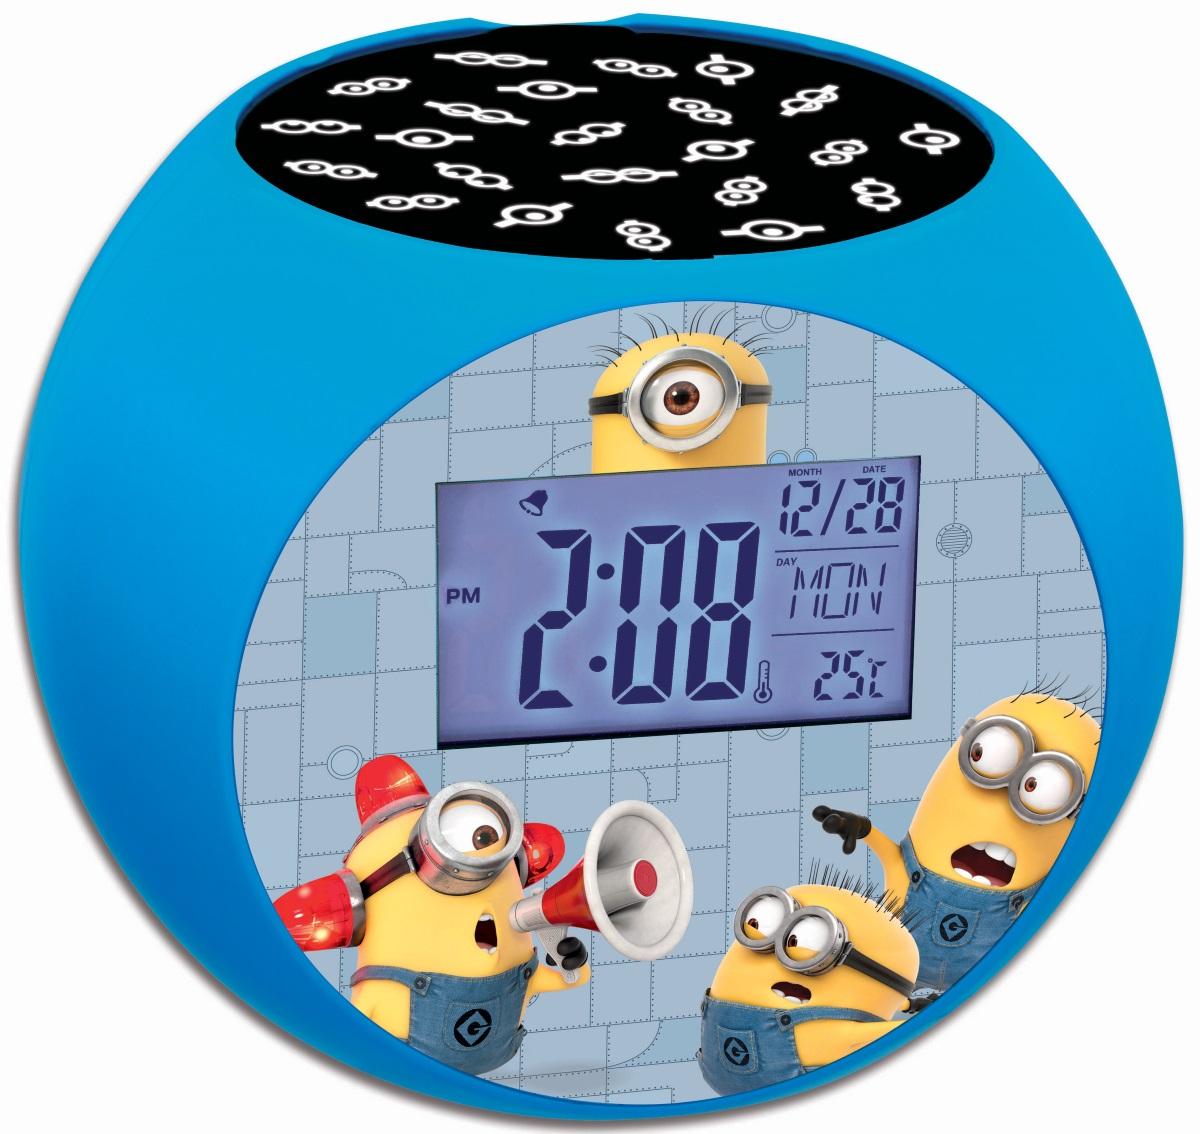 Часы-будильник Despicable MeЧасы-будильник Despicable Me – модные часы с проектором для детской комнаты. Внимательно ознакомьтесь с инструкцией. Часы оснащены функциями будильника, радио, термометра.<br>